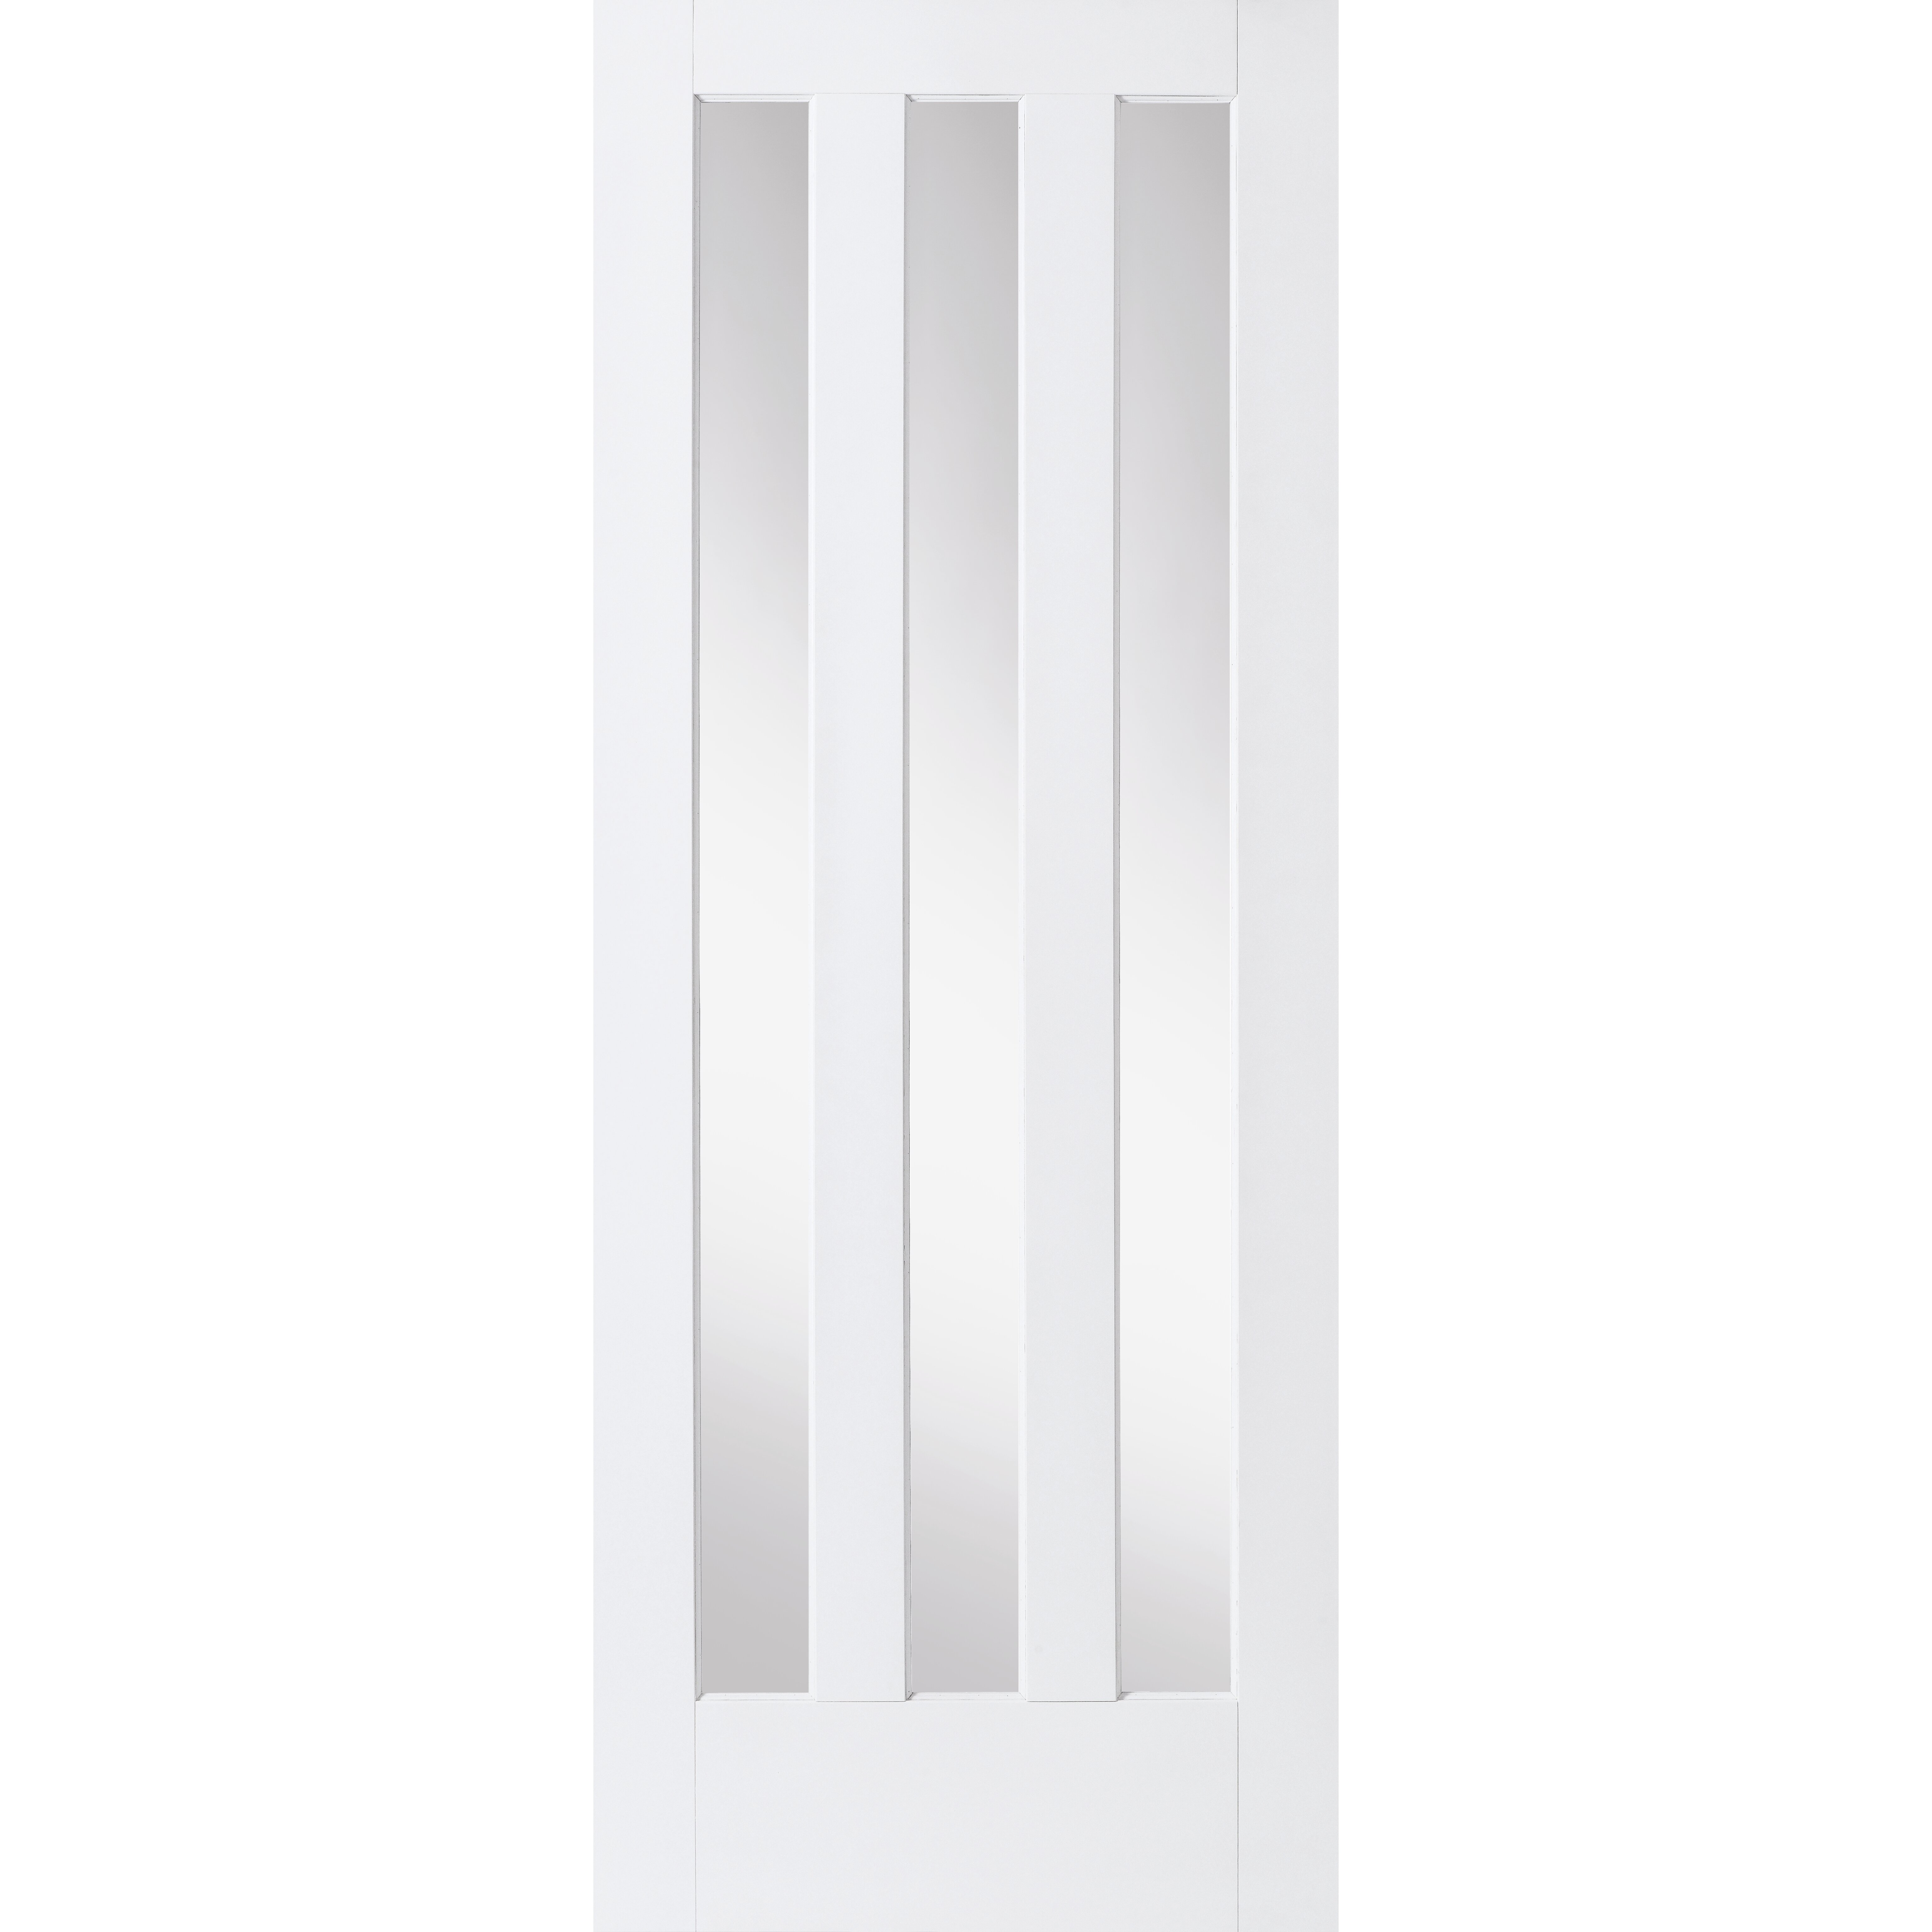 61575305194816726157 Jeld Wen 3 Panel White Glazed Internal Door U0026 Reviews  Wayfair.co.uk